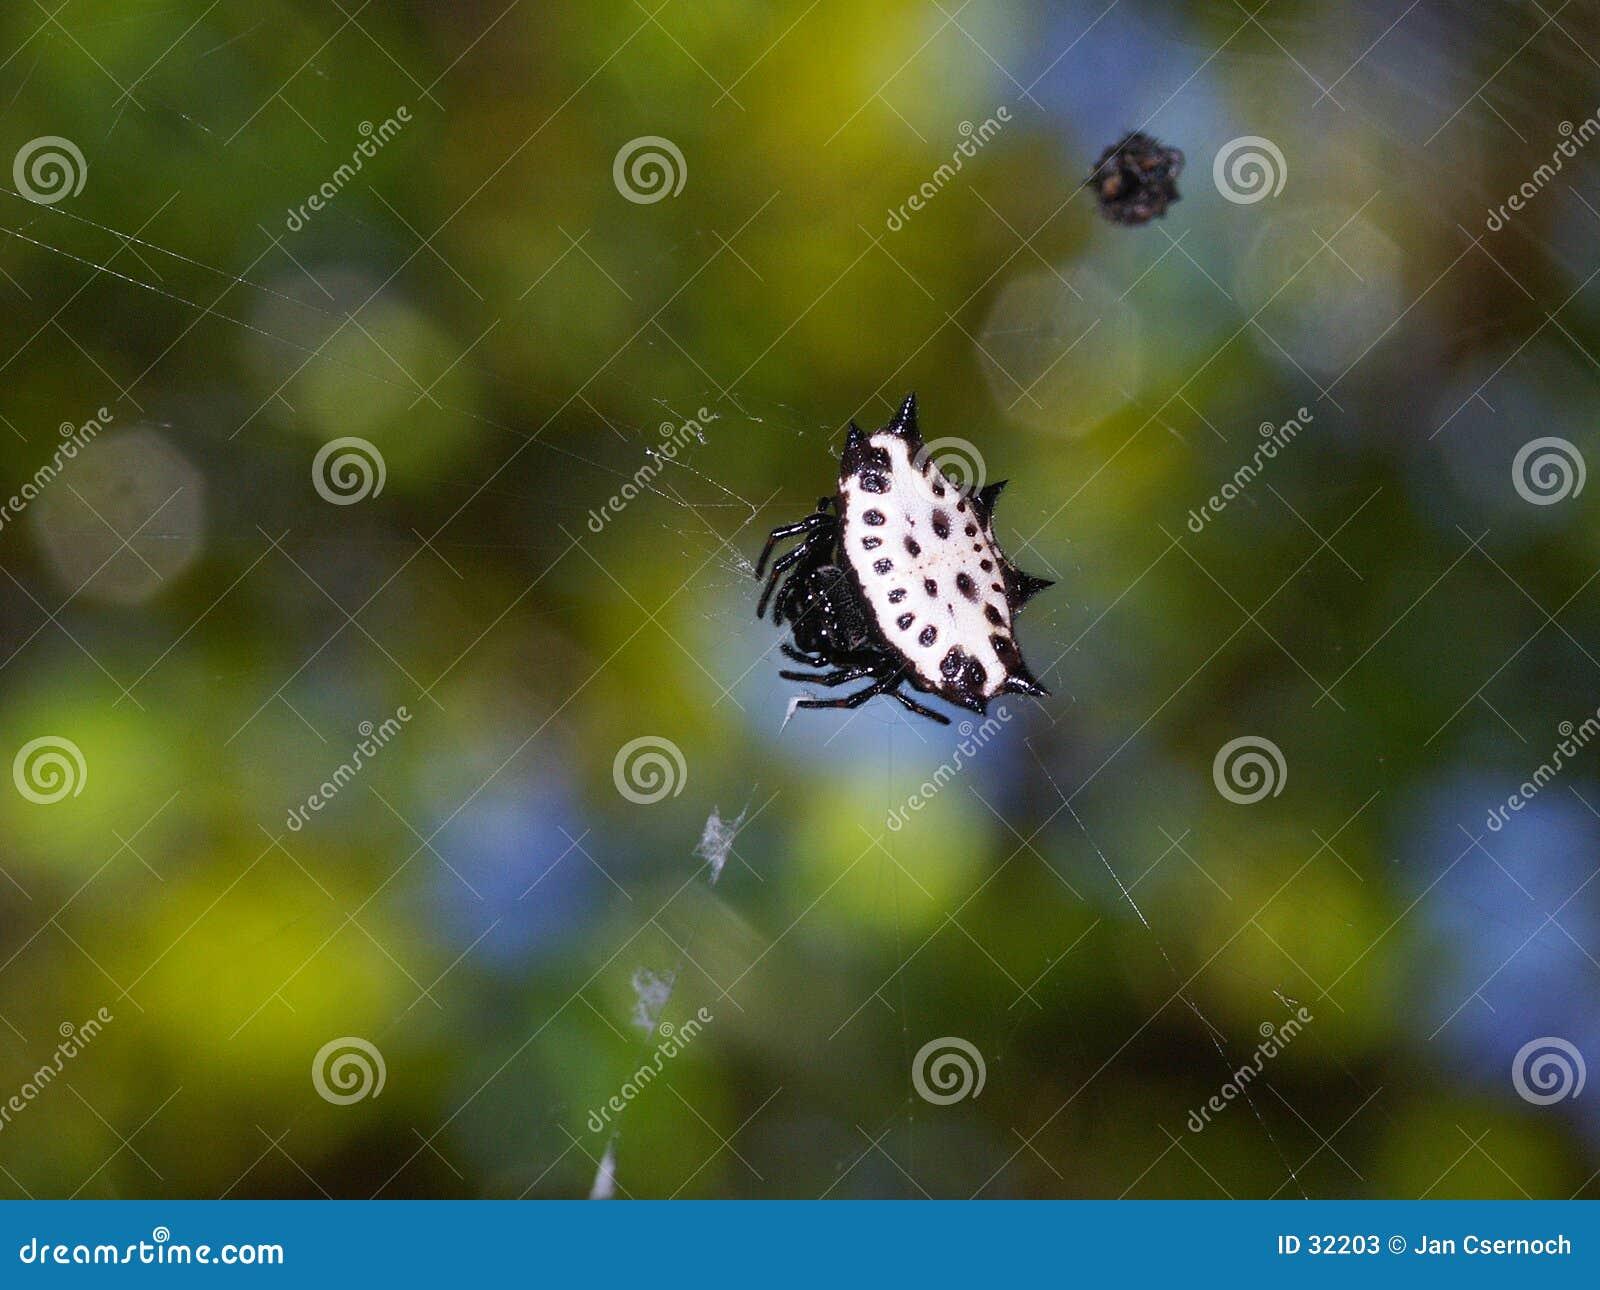 Juwel, Befestigungsklammer oder stachelige Spinne